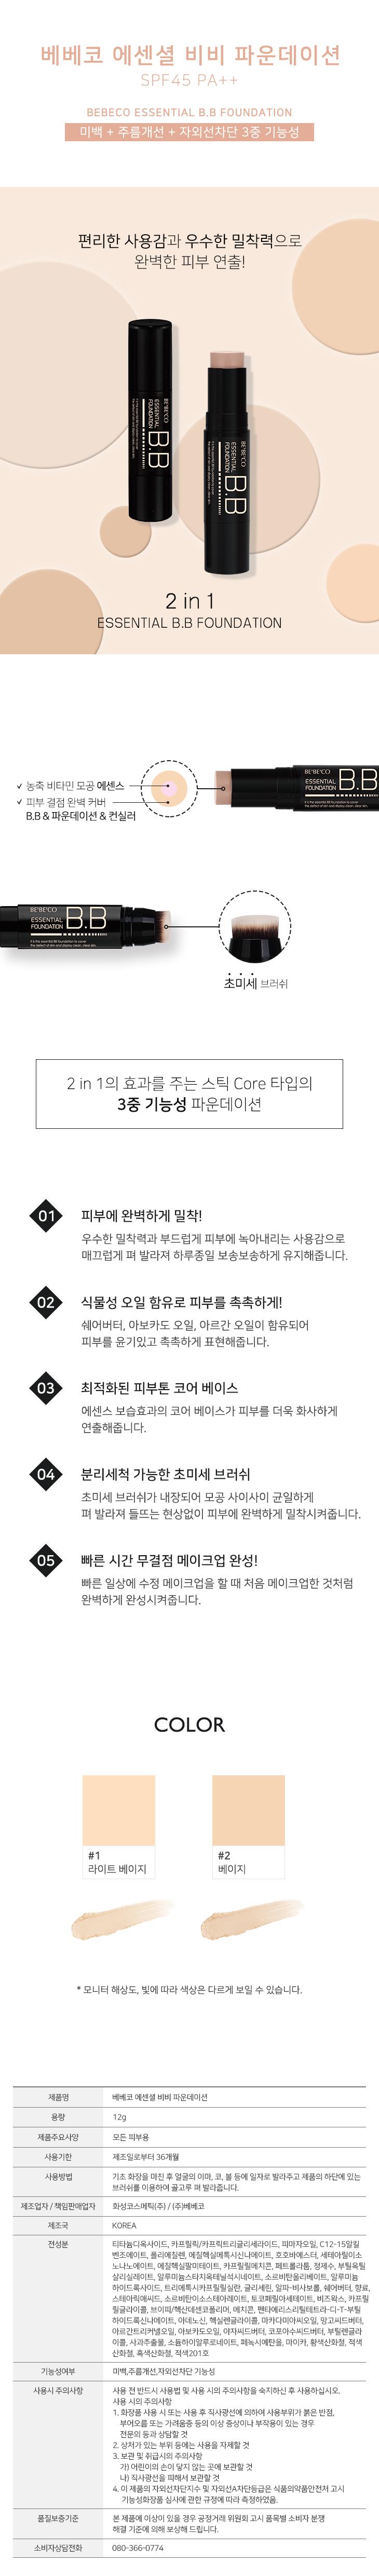 베베코 에센셜 비비 스틱 파운데이션 (브러쉬포함) - 베베코, 20,000원, 페이스메이크업, 파운데이션